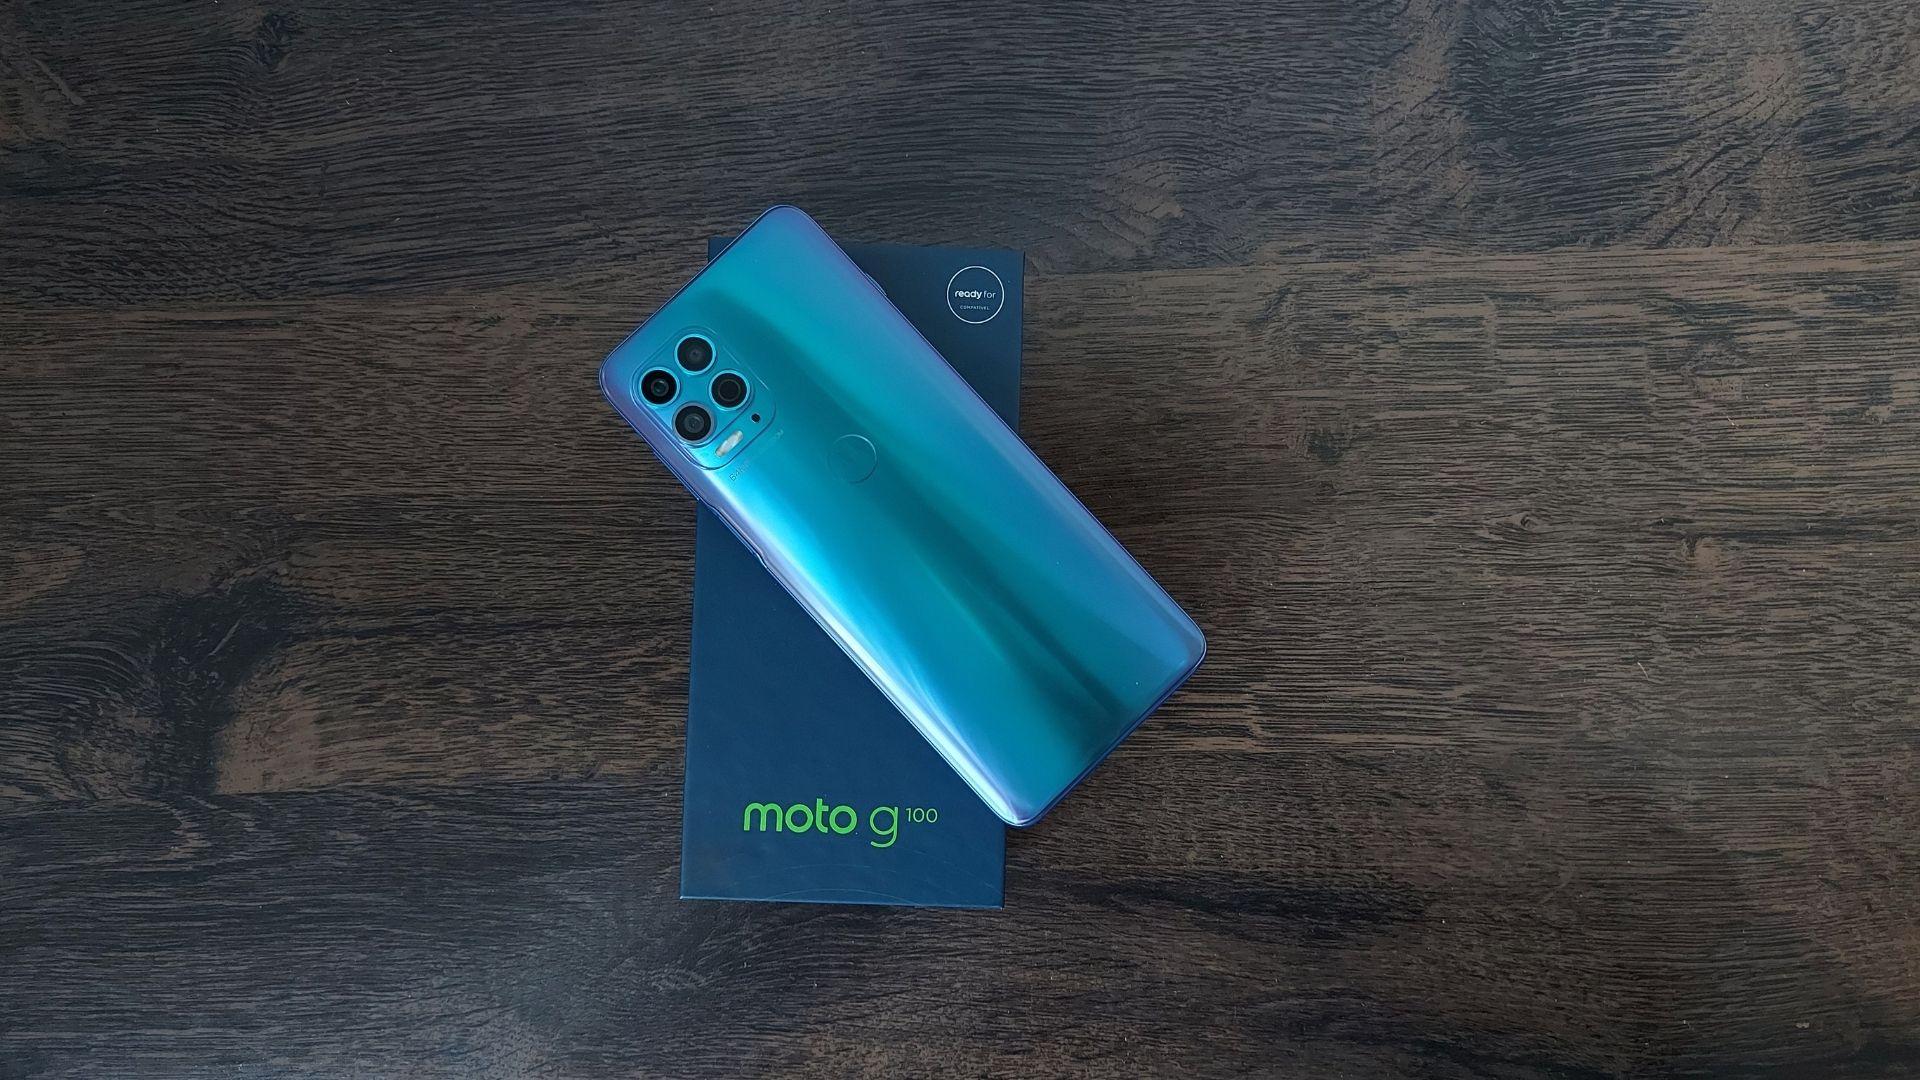 Imagem de Moto G100 em cima de sua caixa